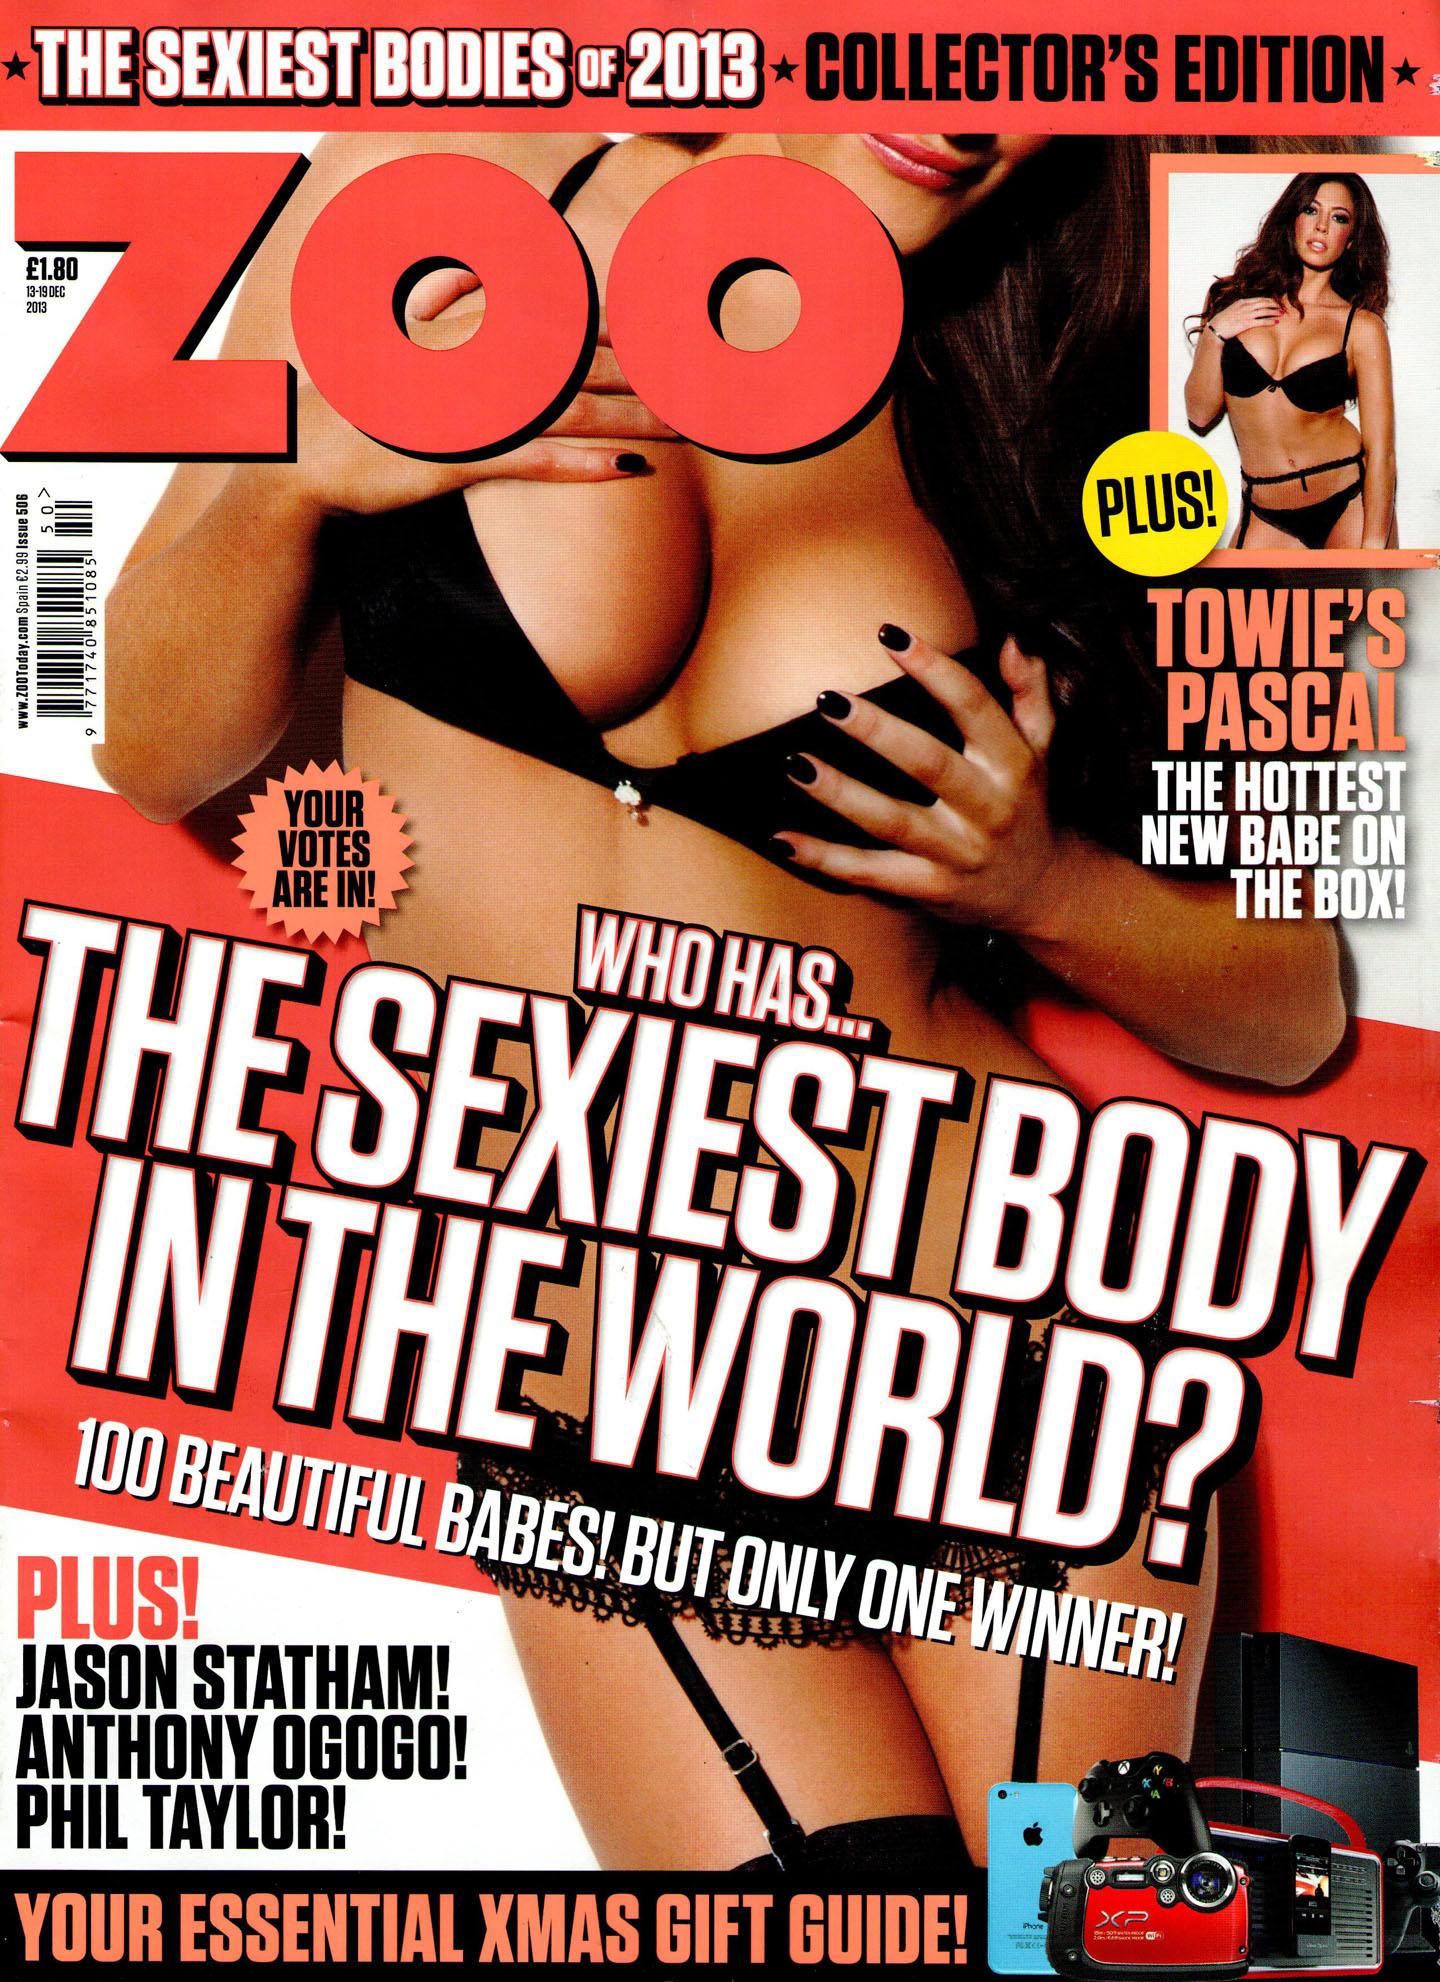 100 mejores cuerpos: